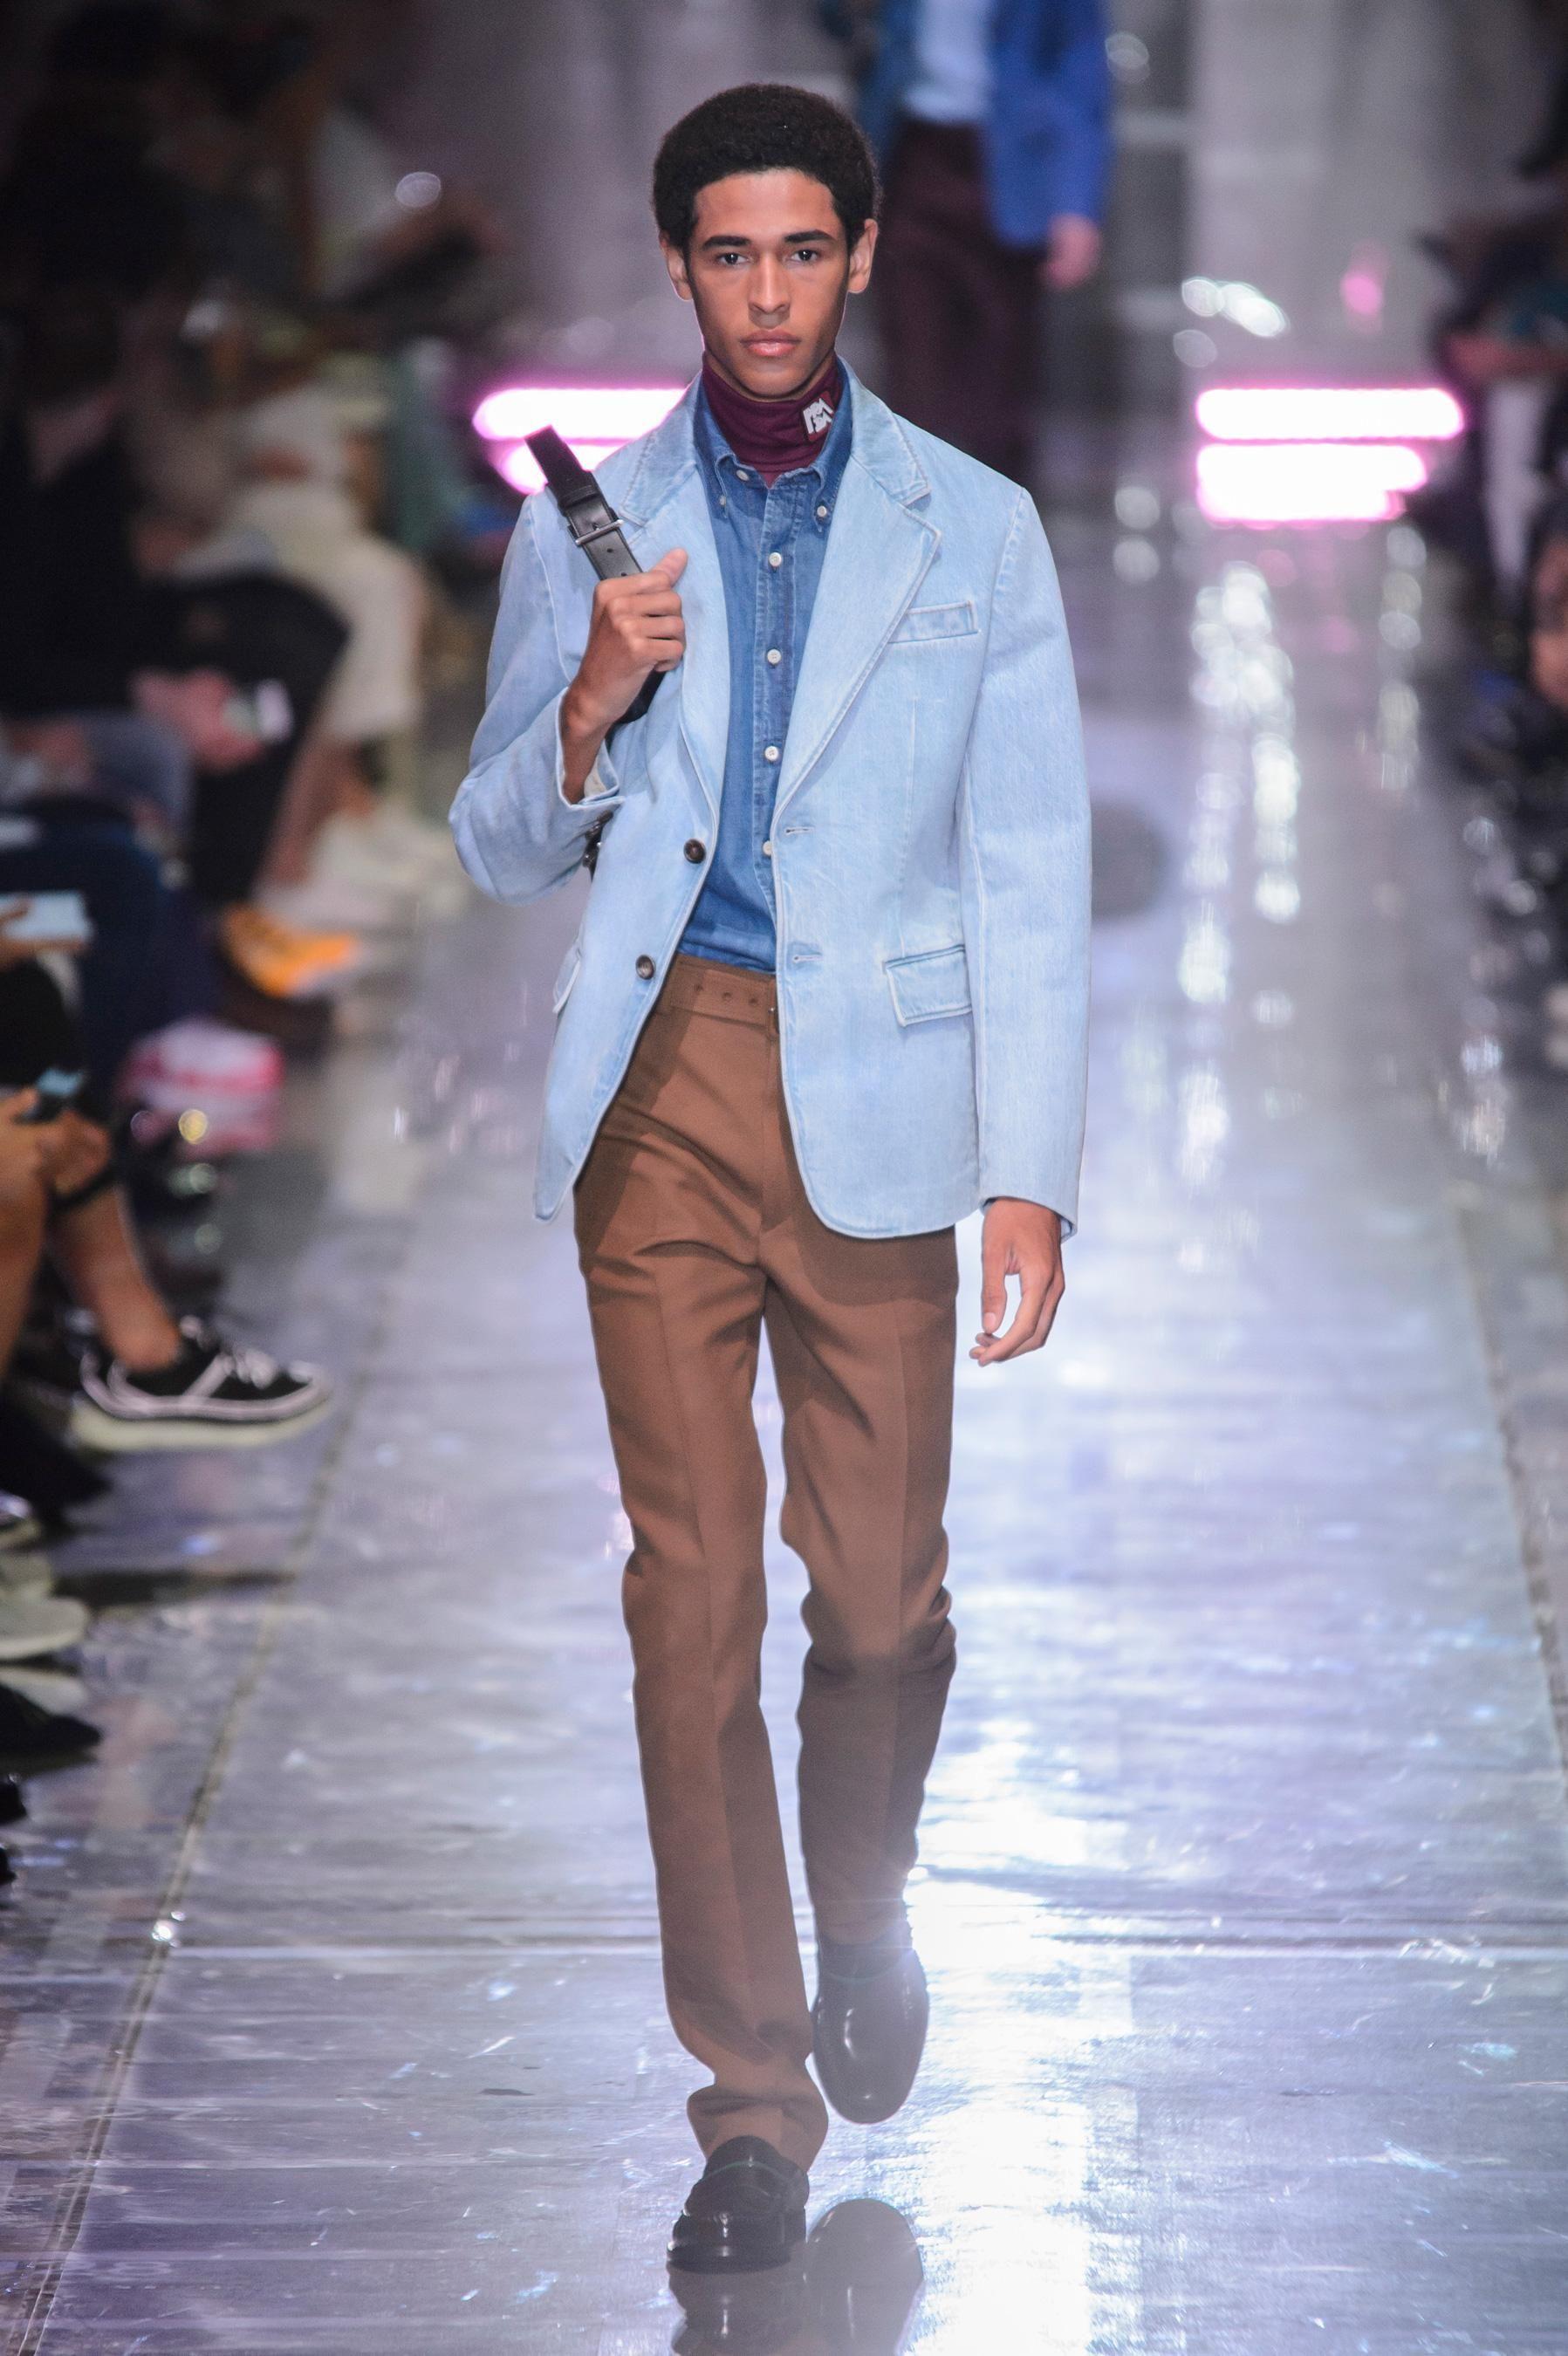 04e6bf332999 Défilé Prada printemps-été 2019 Homme - Madame Figaro -- Visit shop mode  here